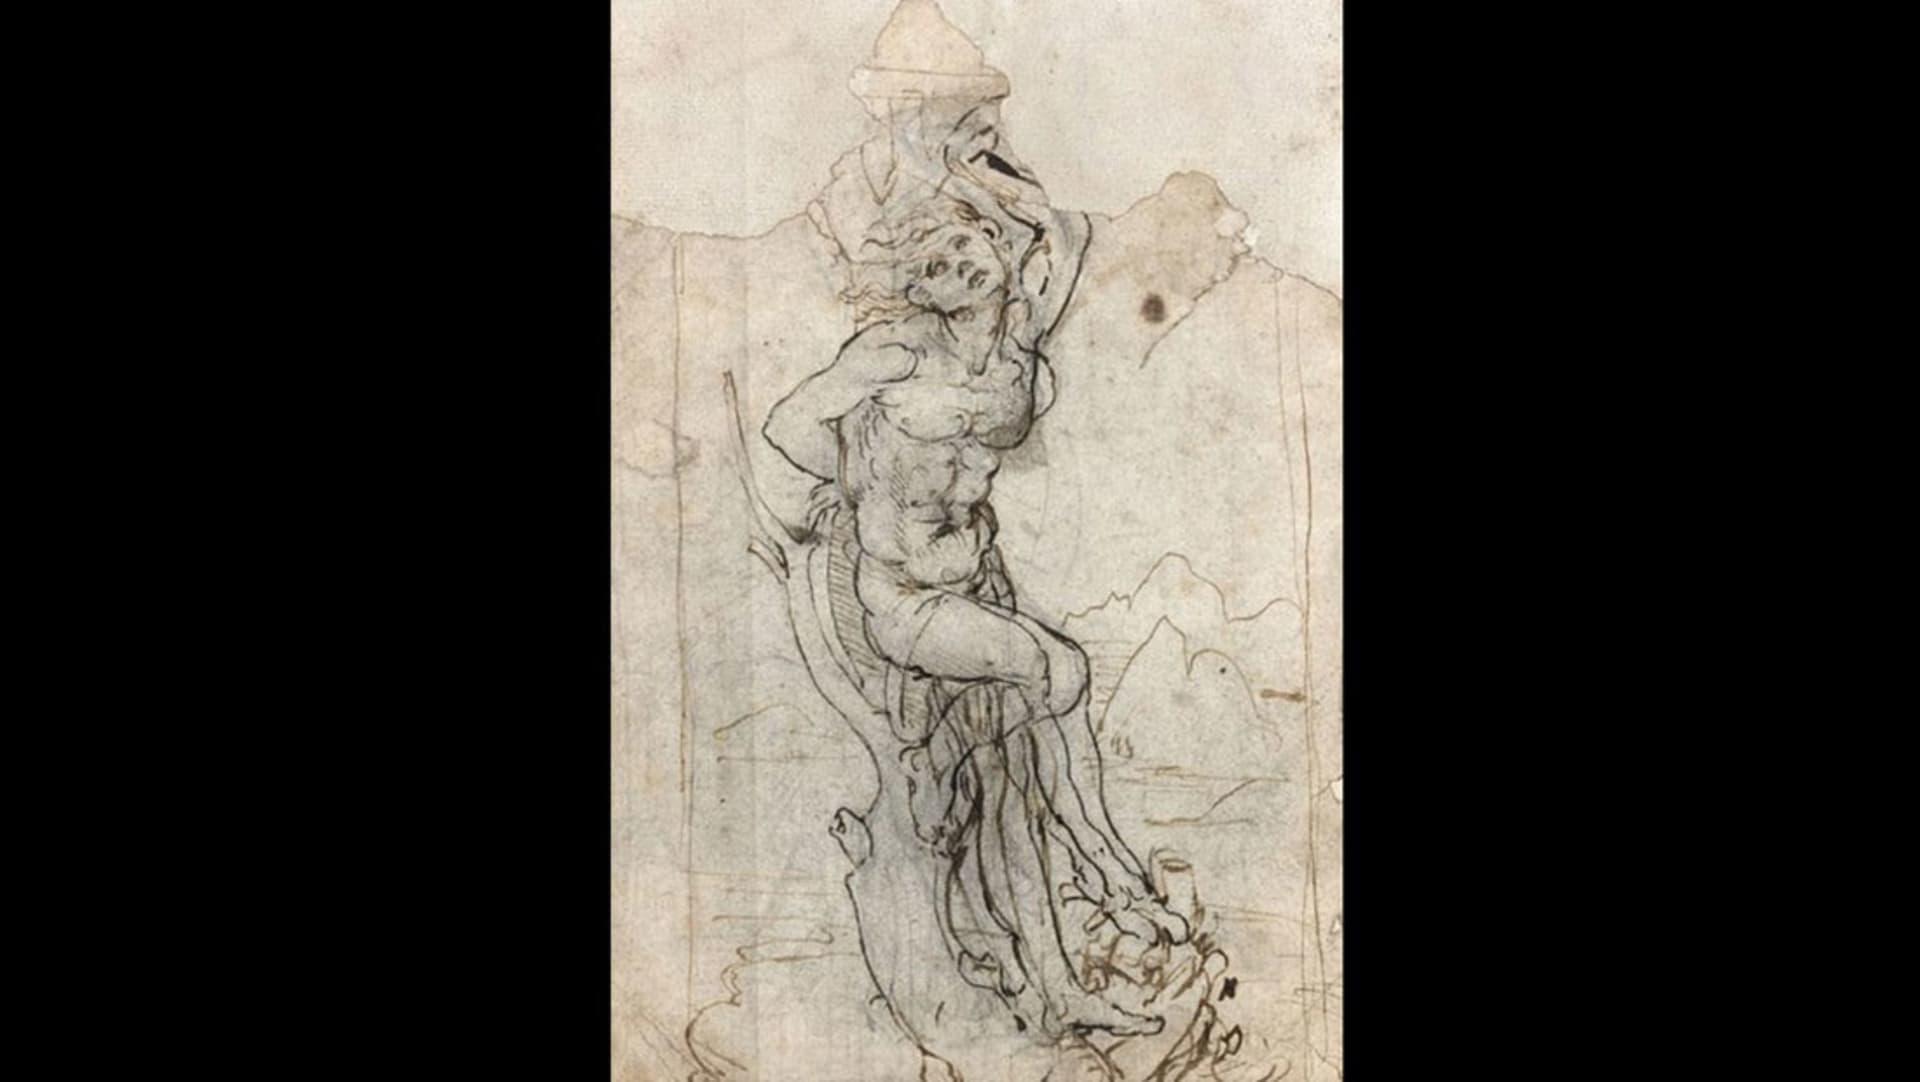 اكتشاف لوحة قديمة للفنان دا فينشي قيمتها 16 مليون دولار